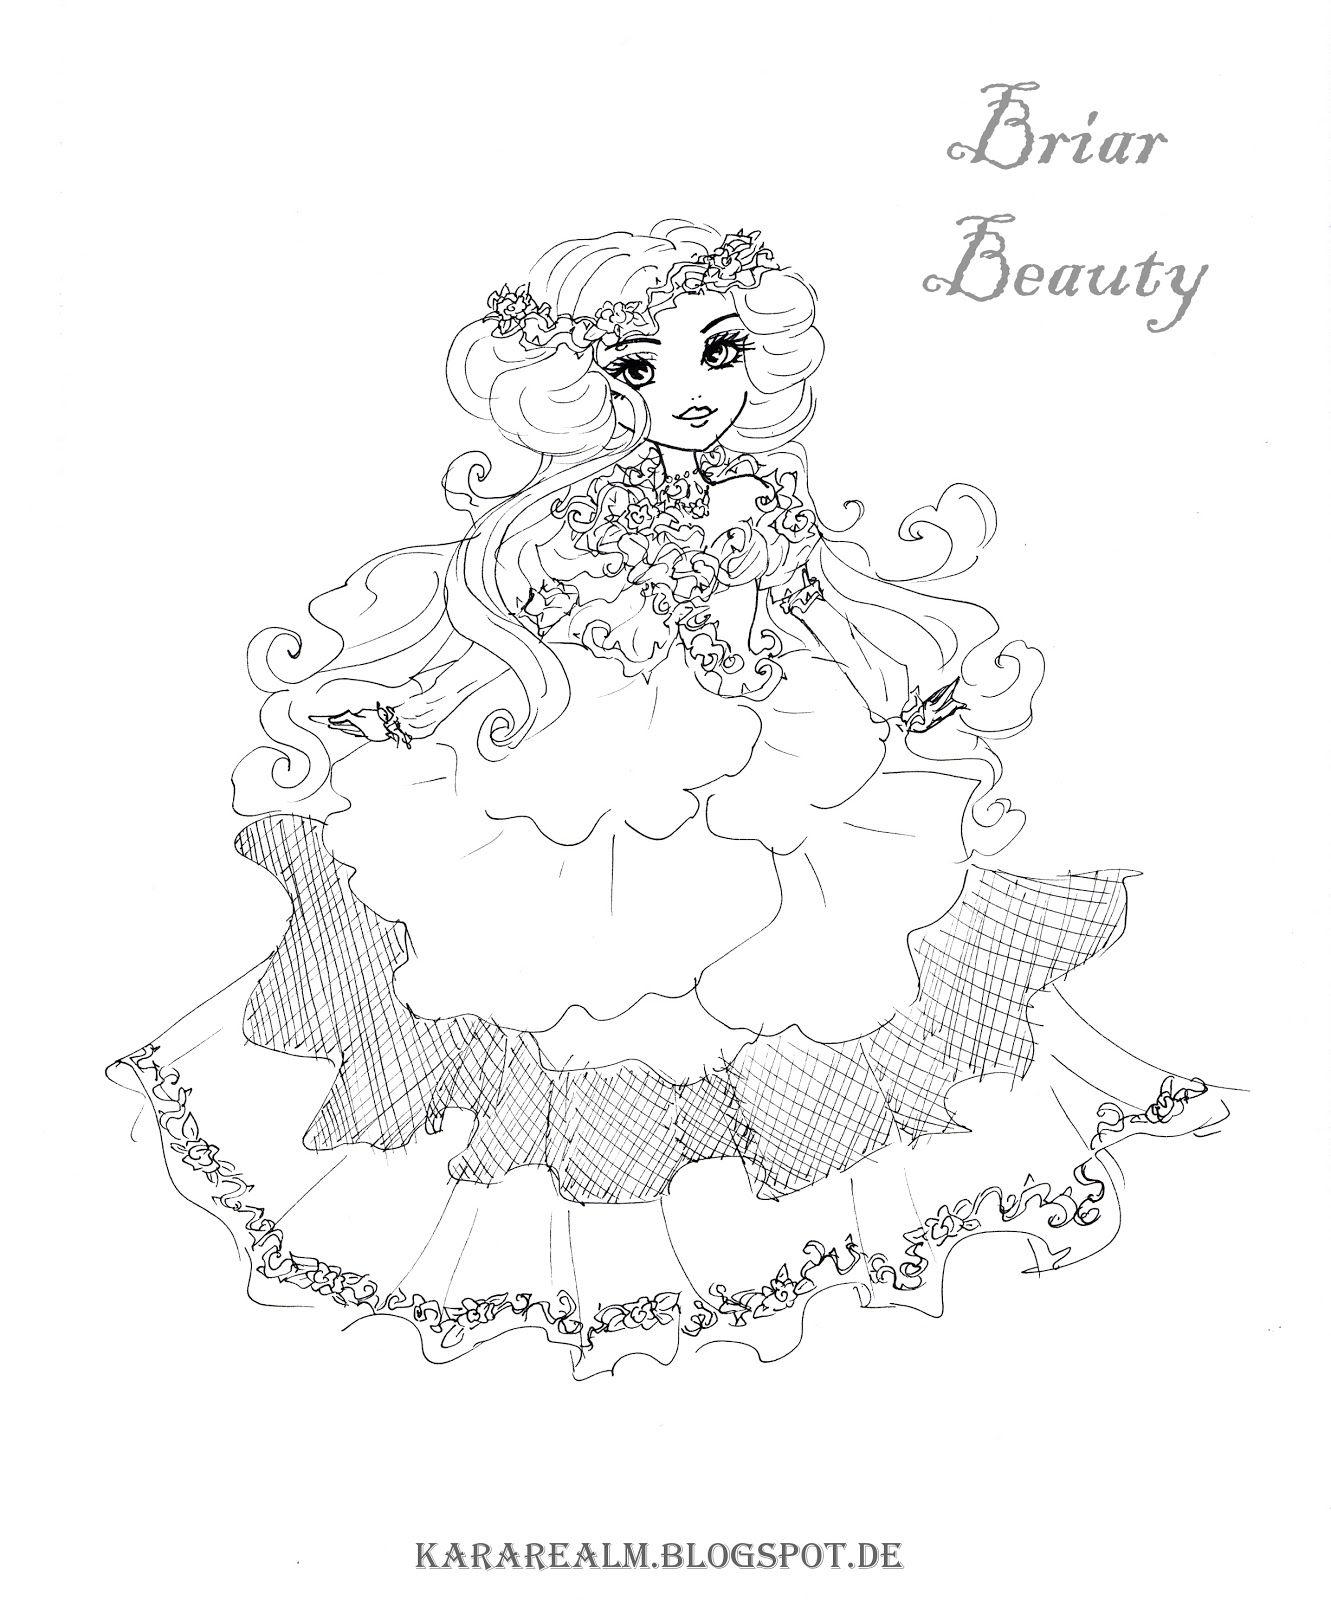 картинки эвер афтер хай в бальных платьях статью, сможете